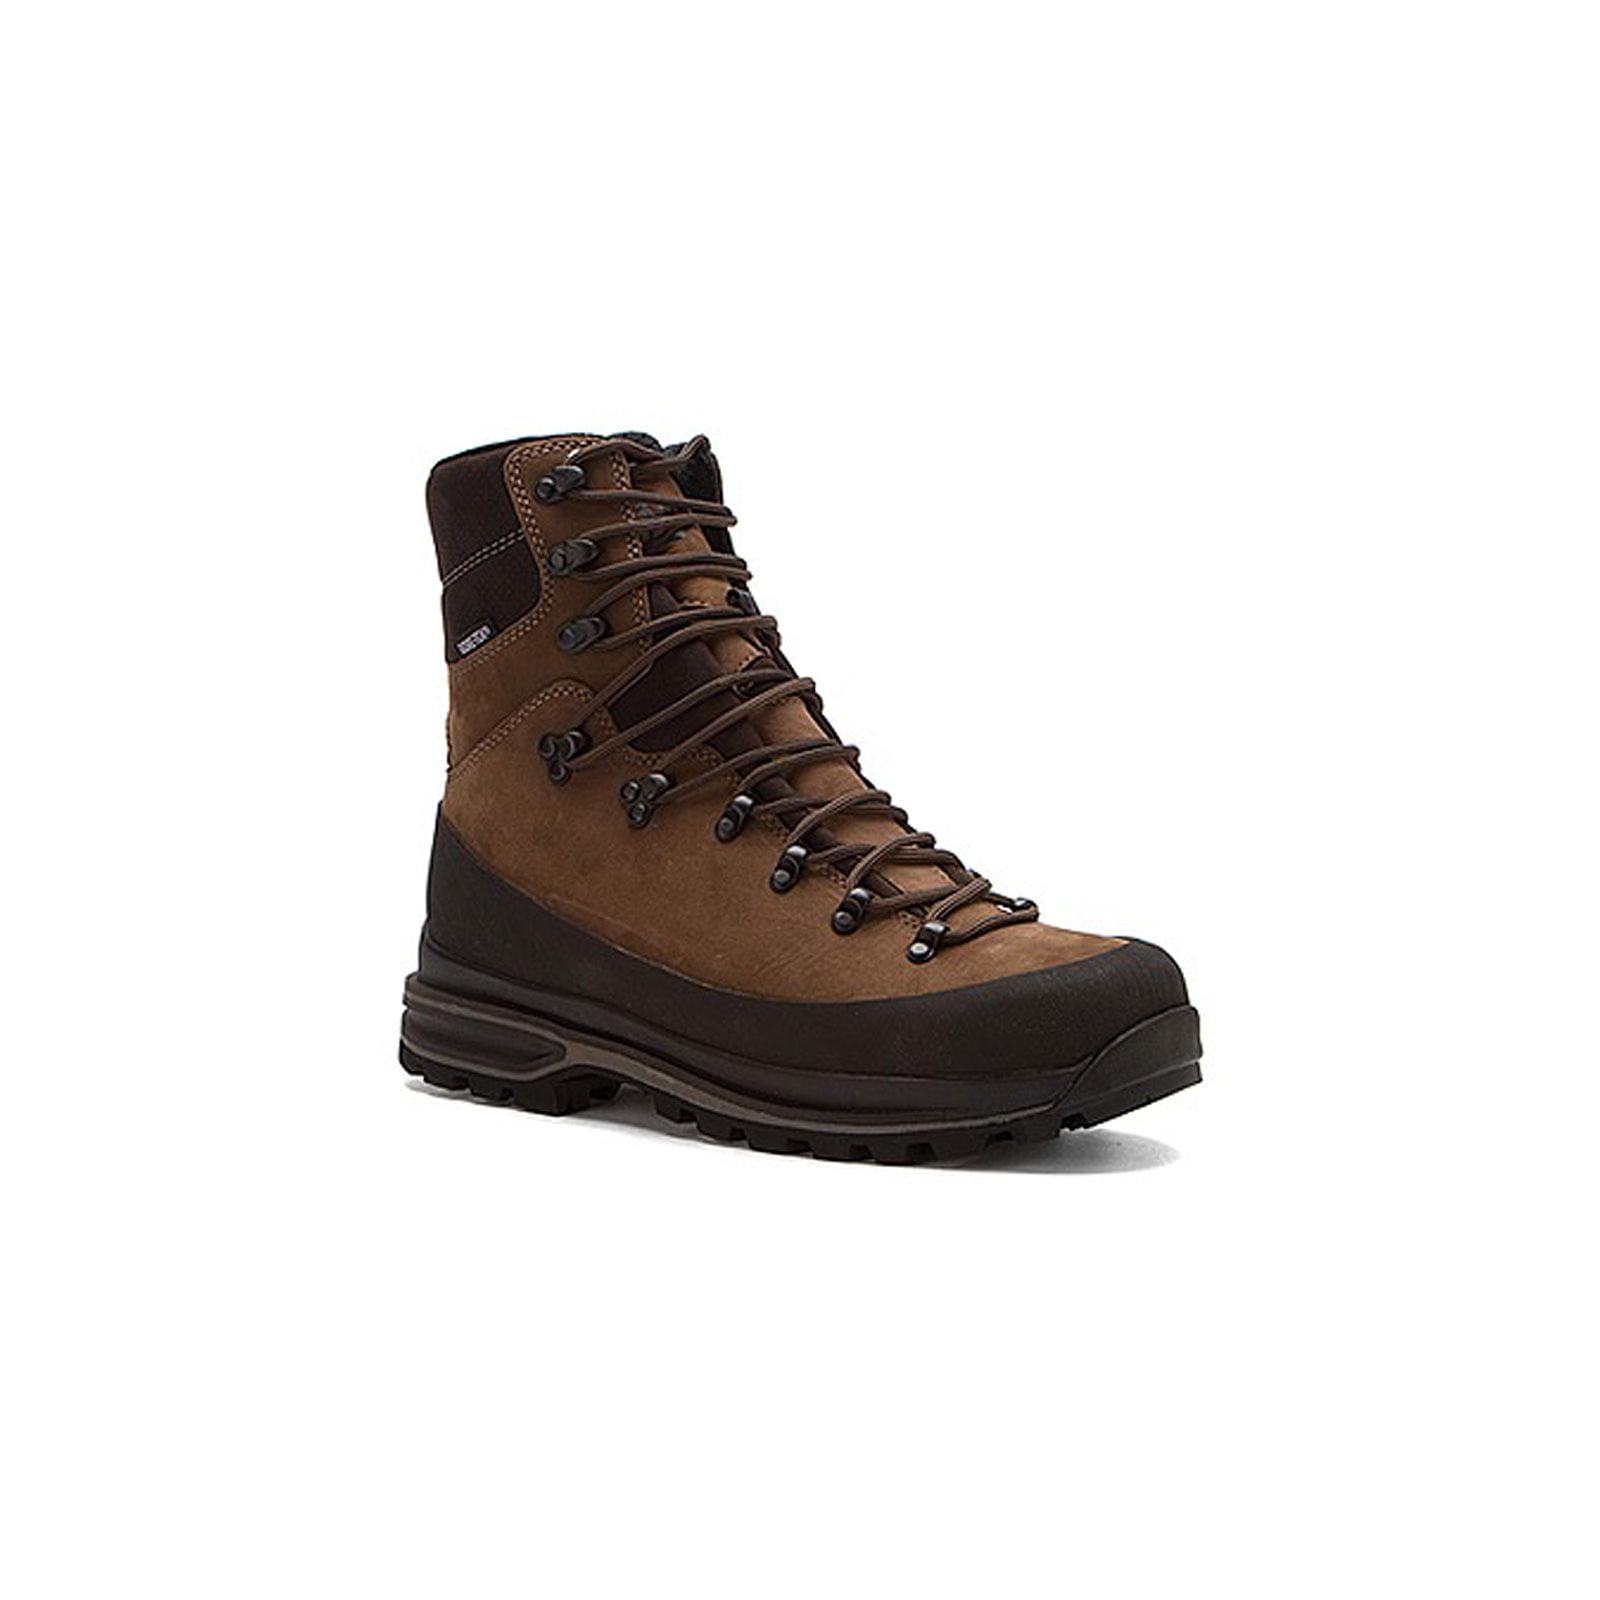 Danner Mens Mountain Assault Canteen Brown Duty Boots 15601 by Danner